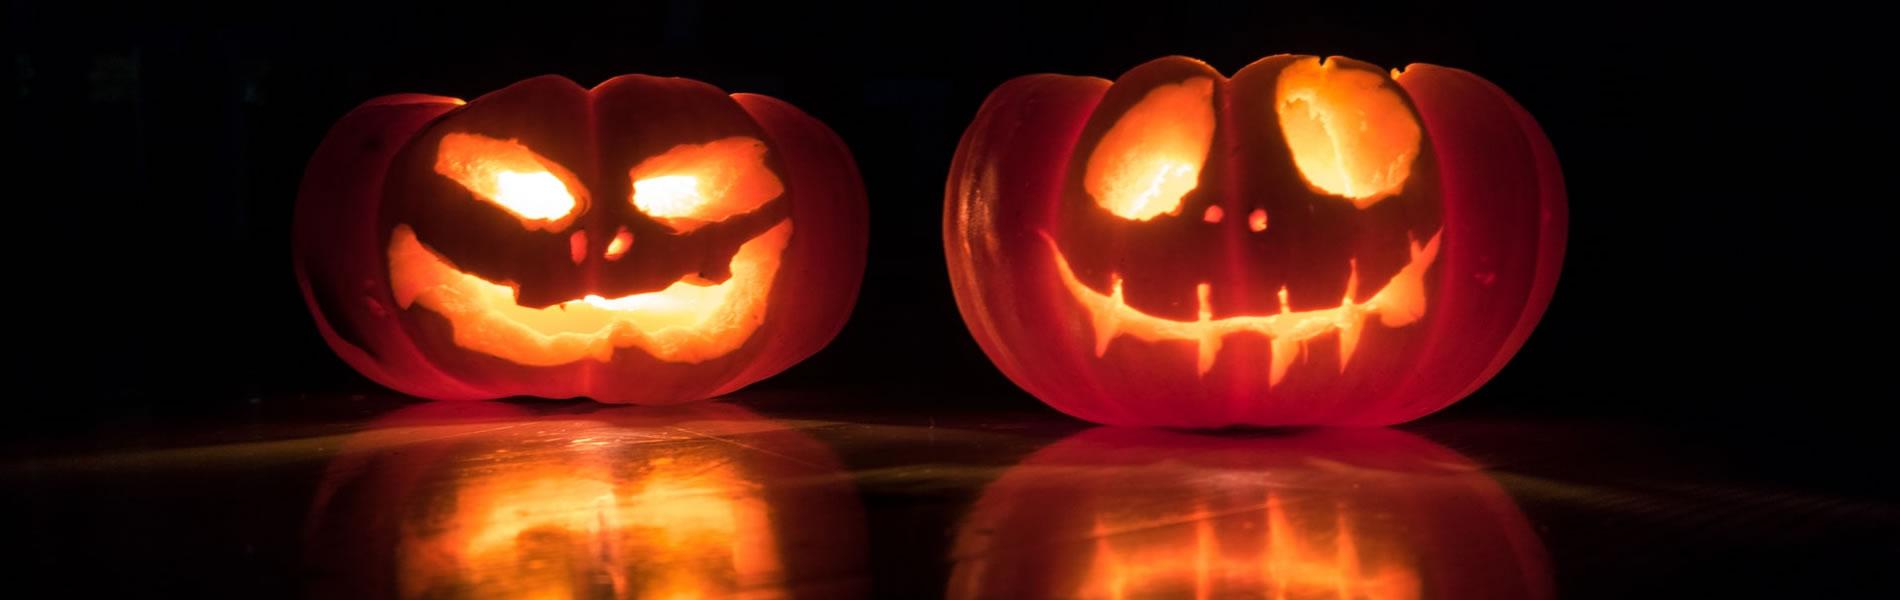 Two jack-o-lanterns illuminated from the inside